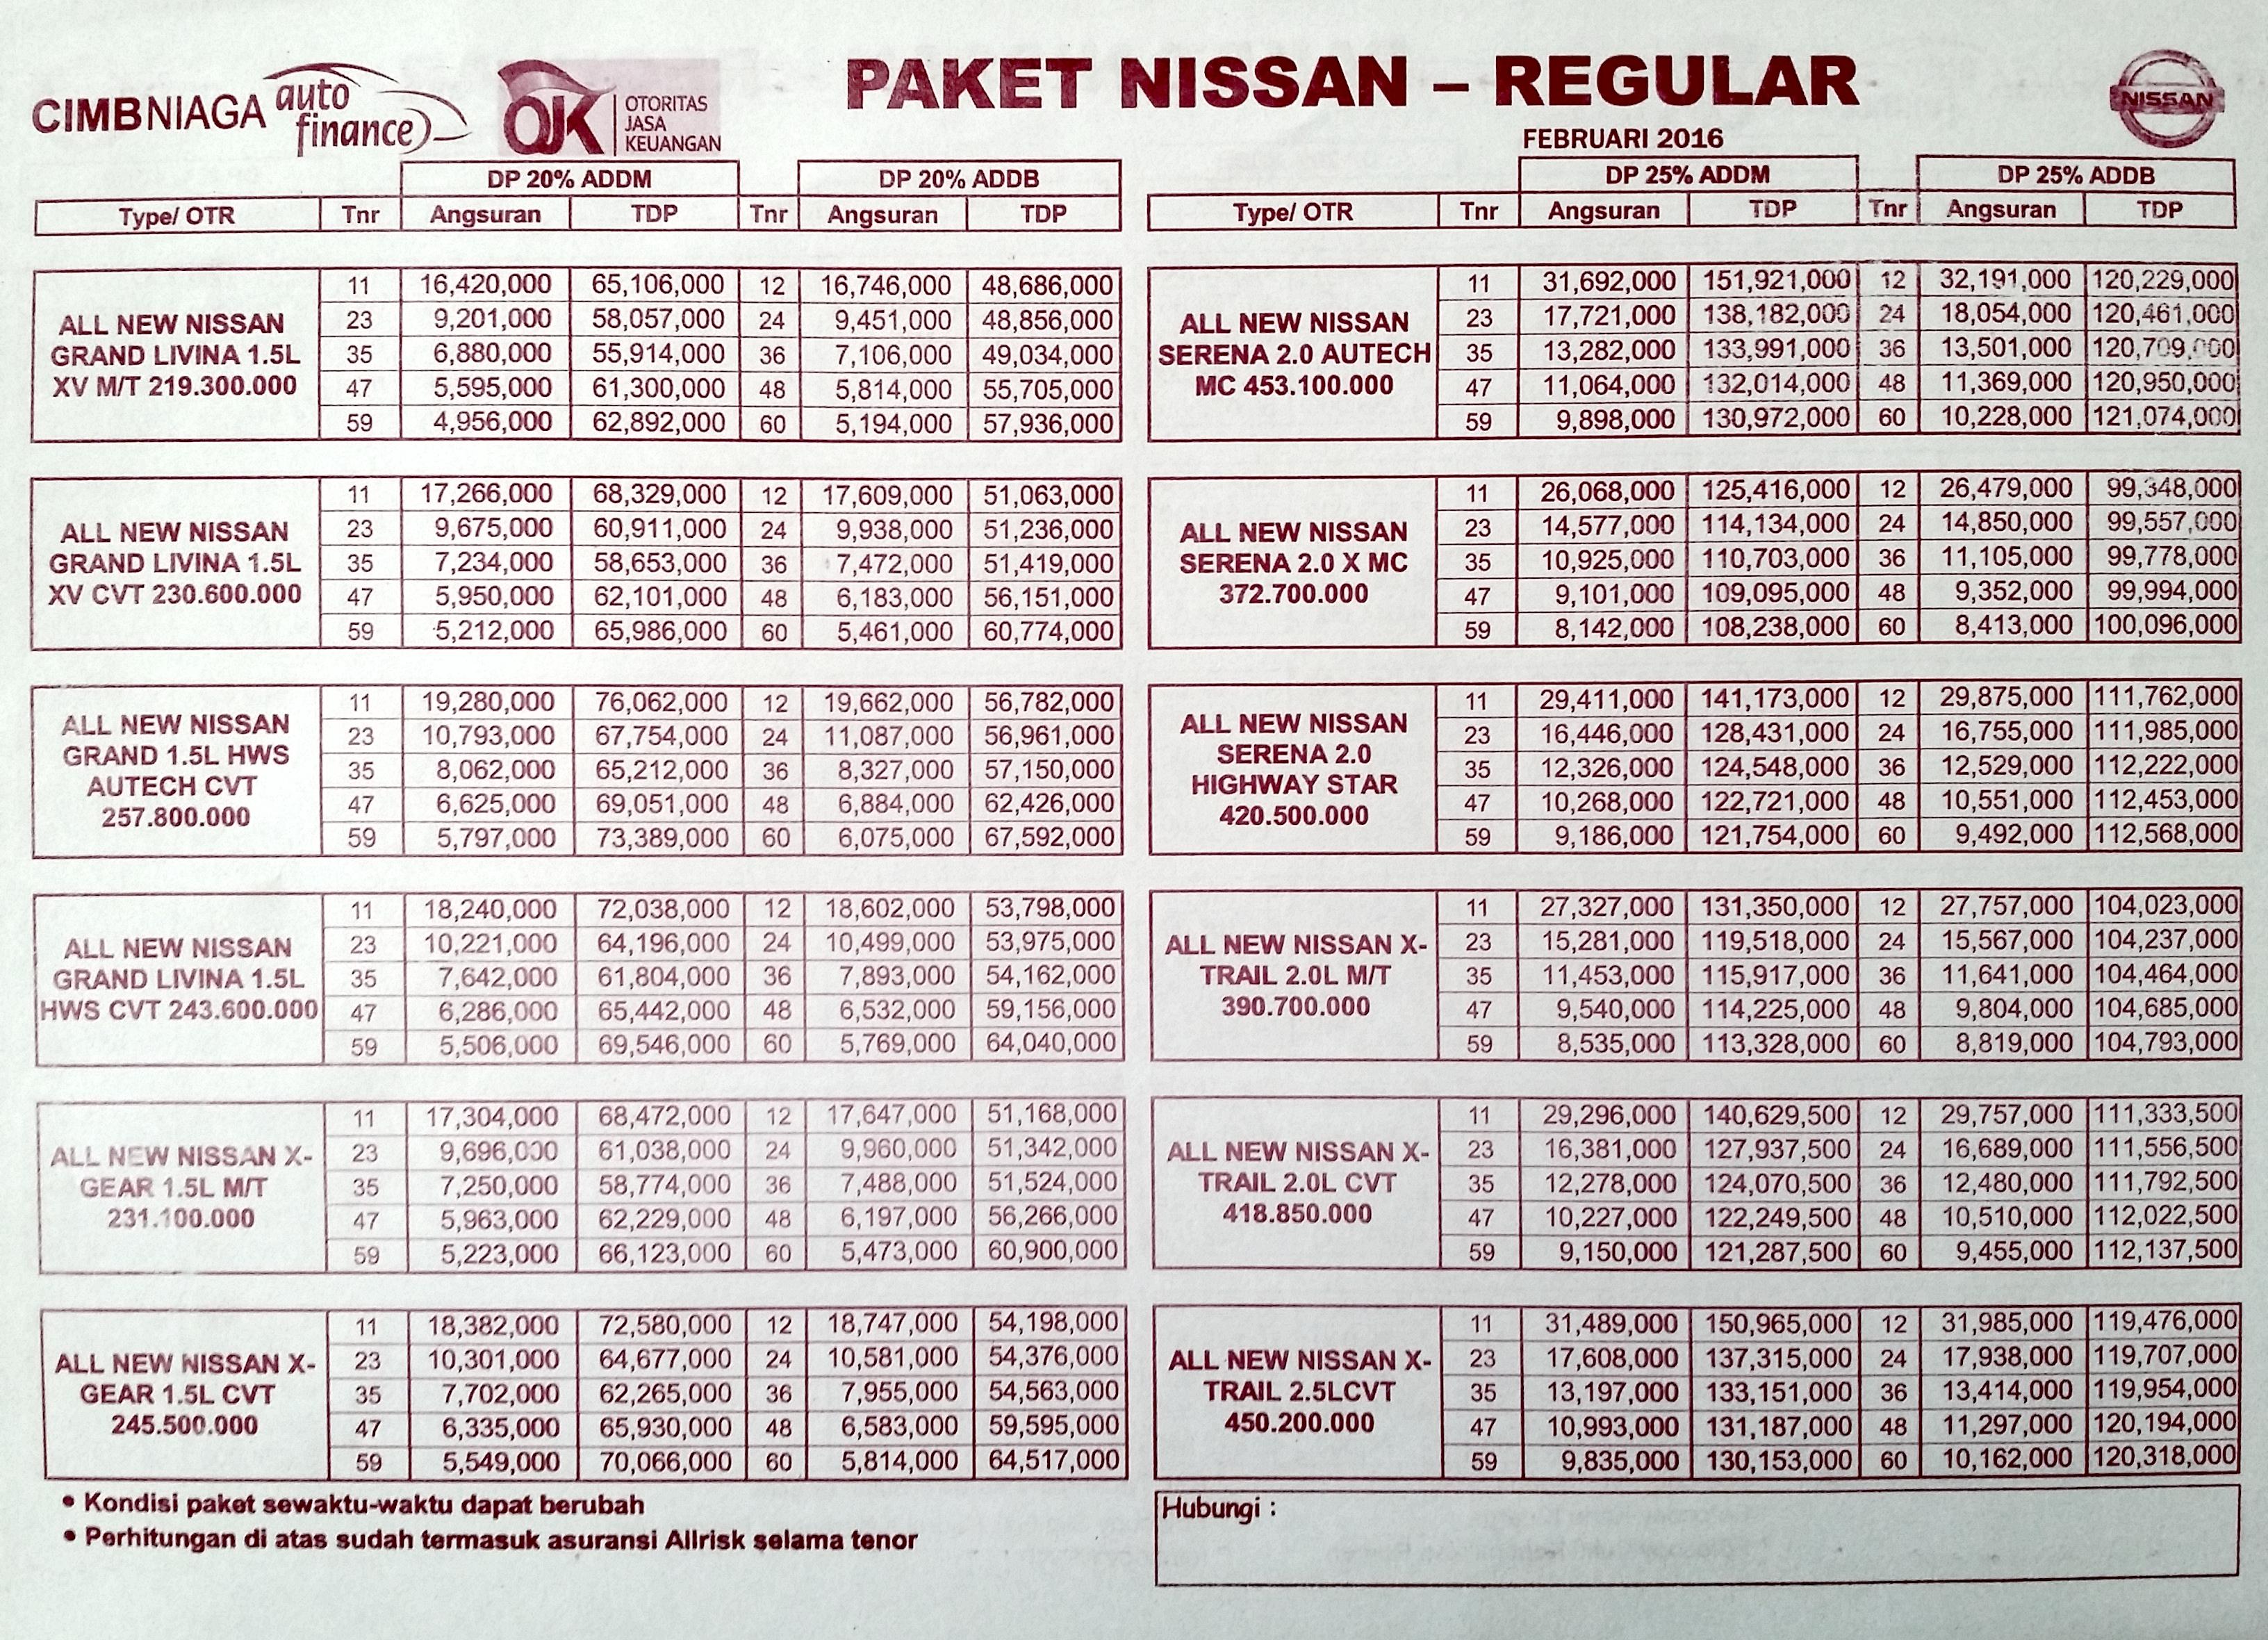 Kredit Nissan Jakarta Grand Livina, Xtrail, Serena, Juke 2016